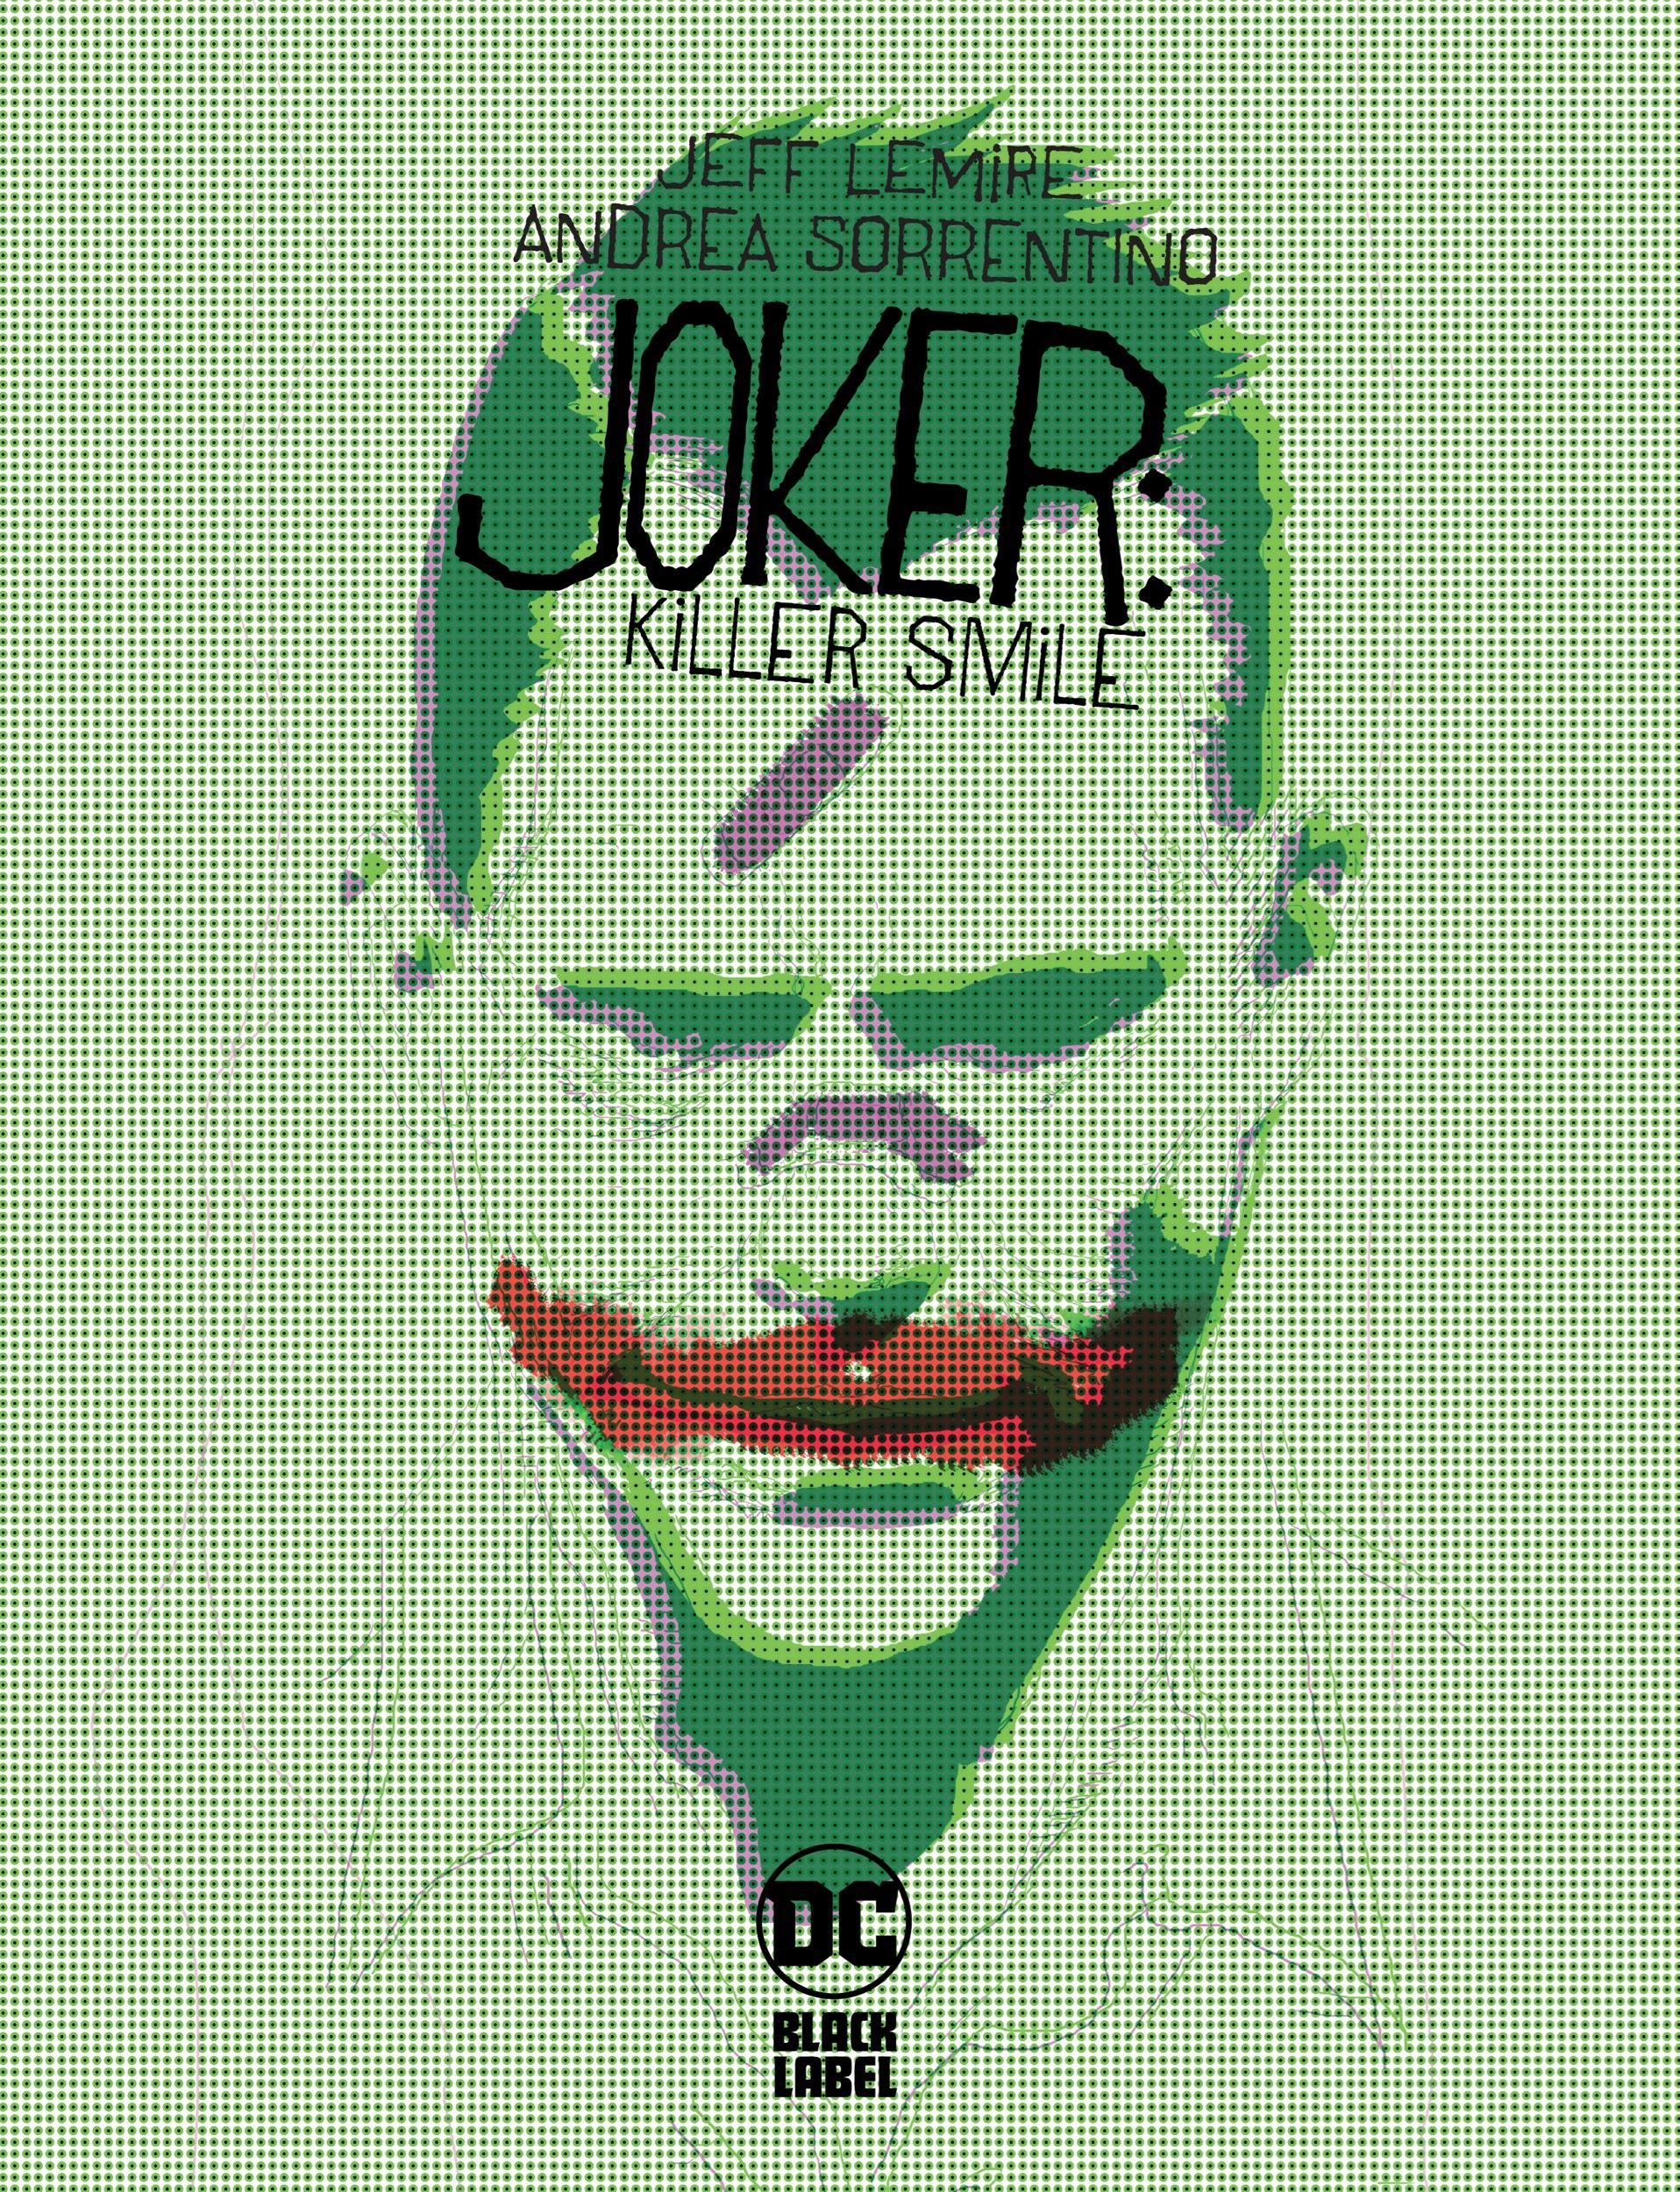 Joker_Killer Smile Cv1.jpeg